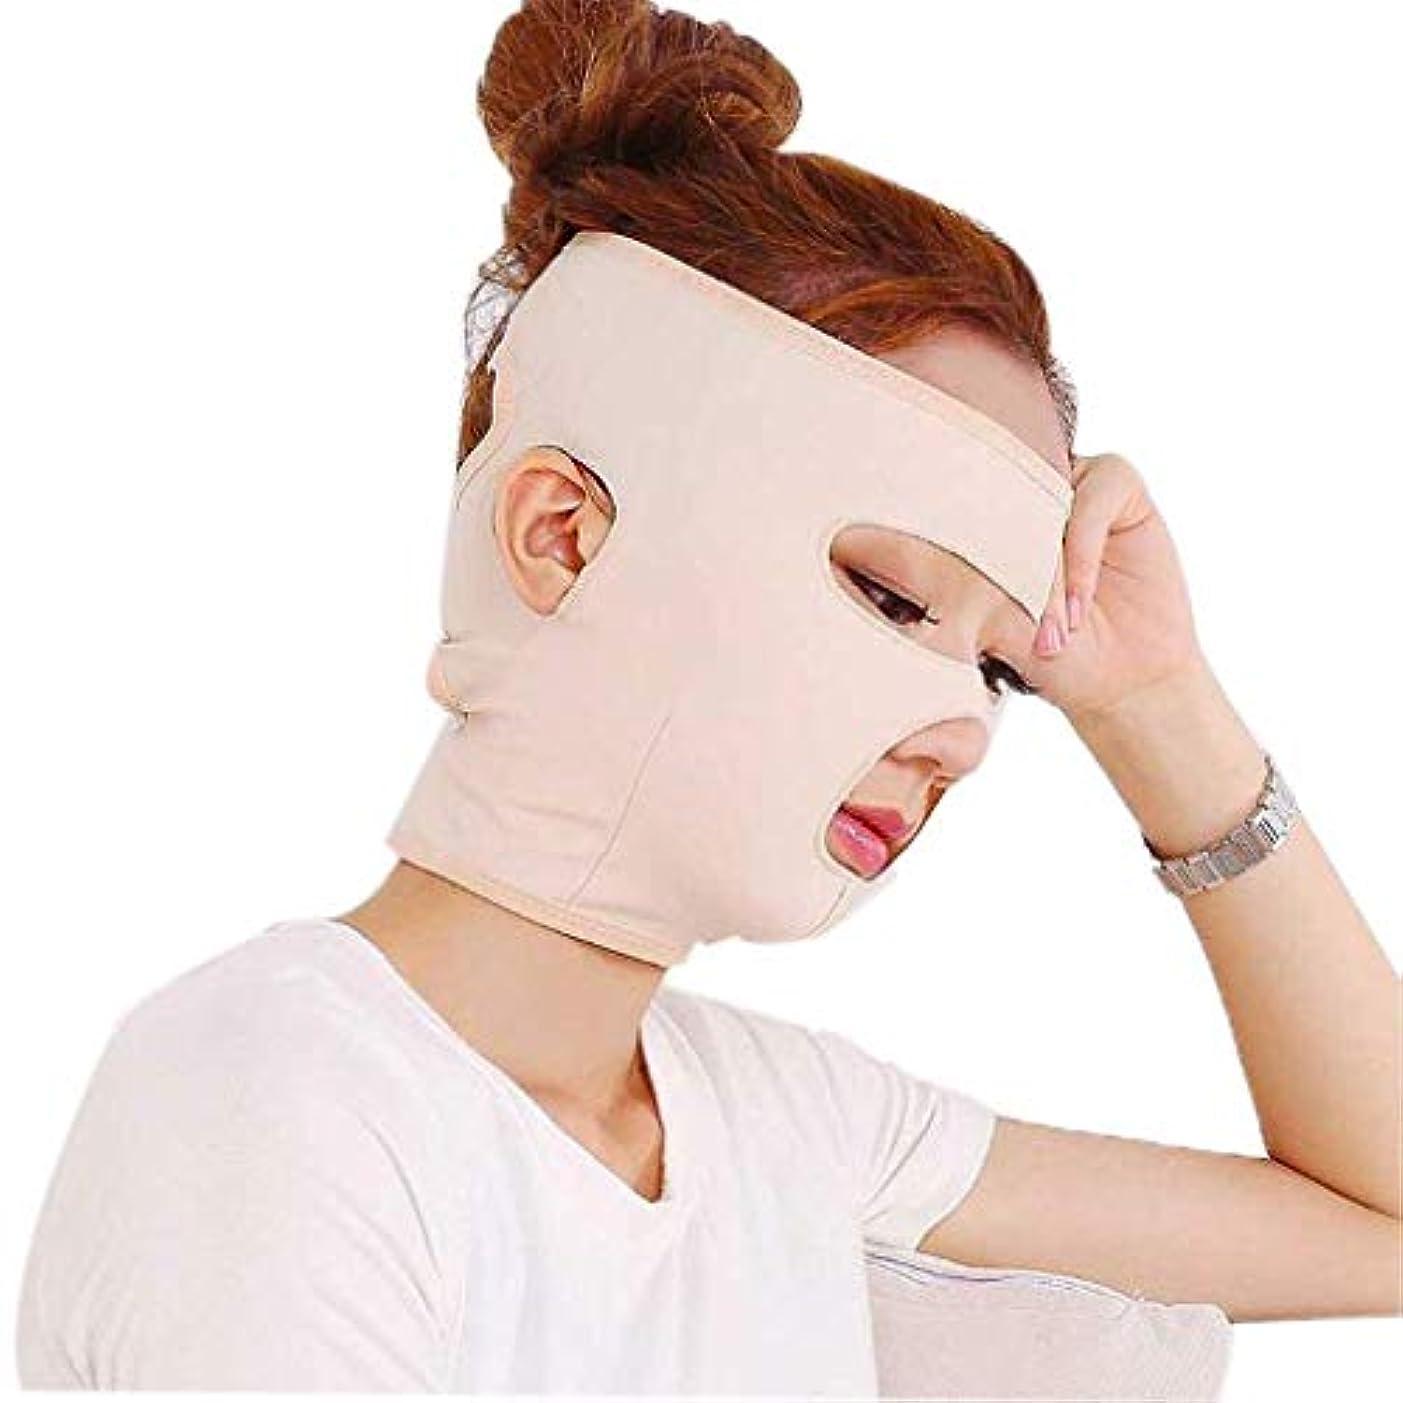 財政場所挨拶するフェイスリフティングマスク、フルフェイス通気性の術後回復包帯リフティング引き締め肌の減少は、小さなVフェイスマスクを作成します(サイズ:M)